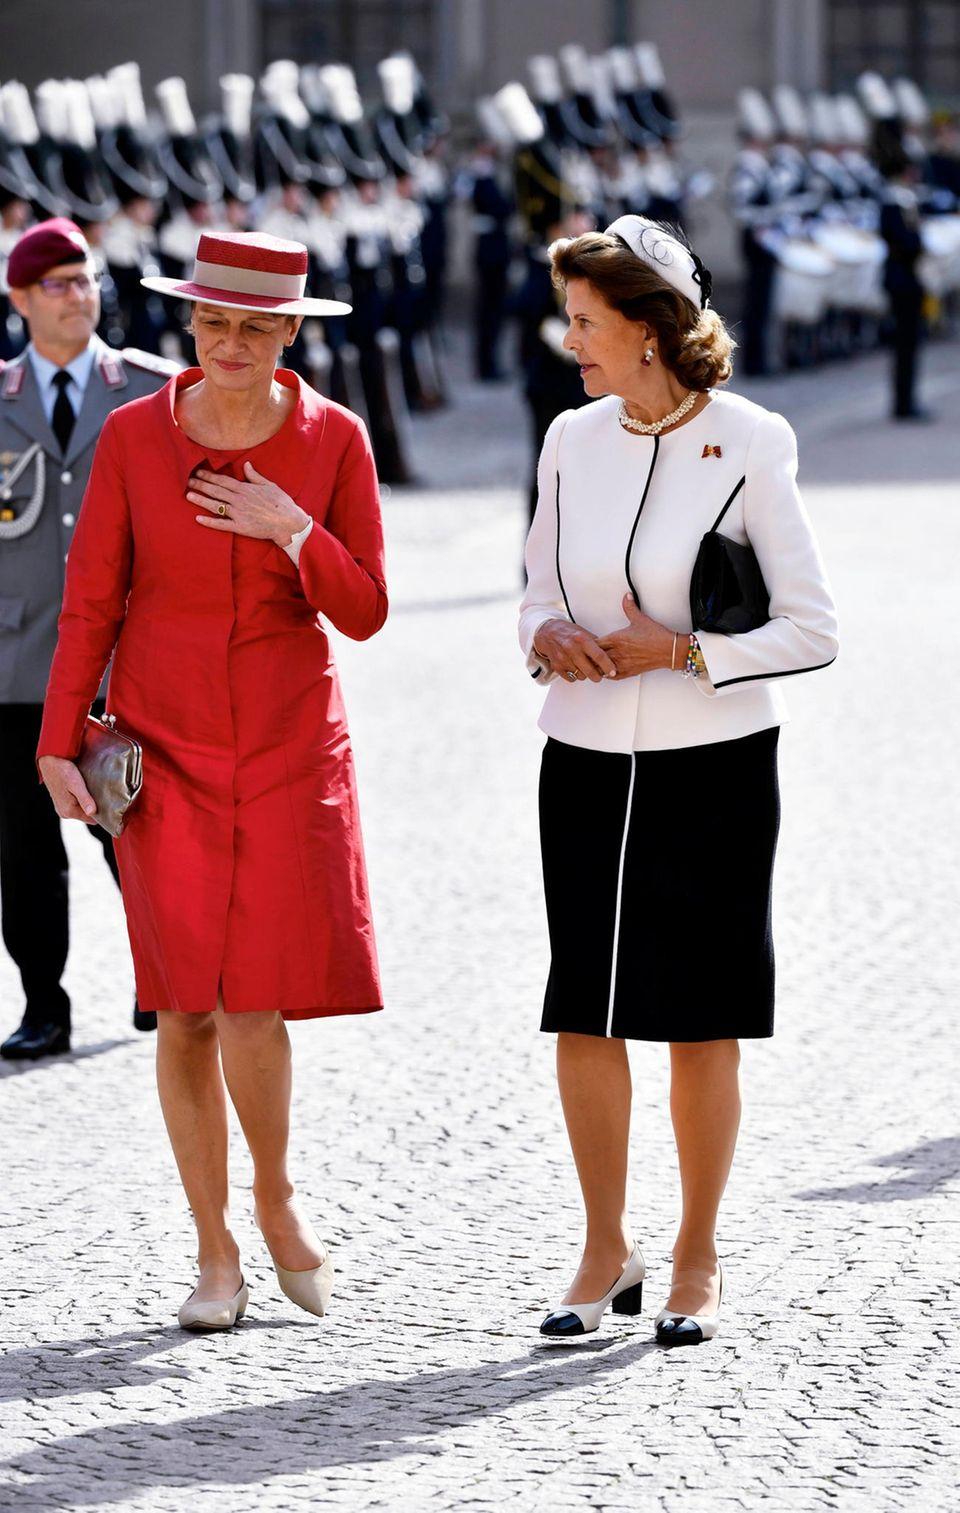 Besuch in Schweden: Elke Büdenbender und Königin Silvia sind angeregt im Gespräch